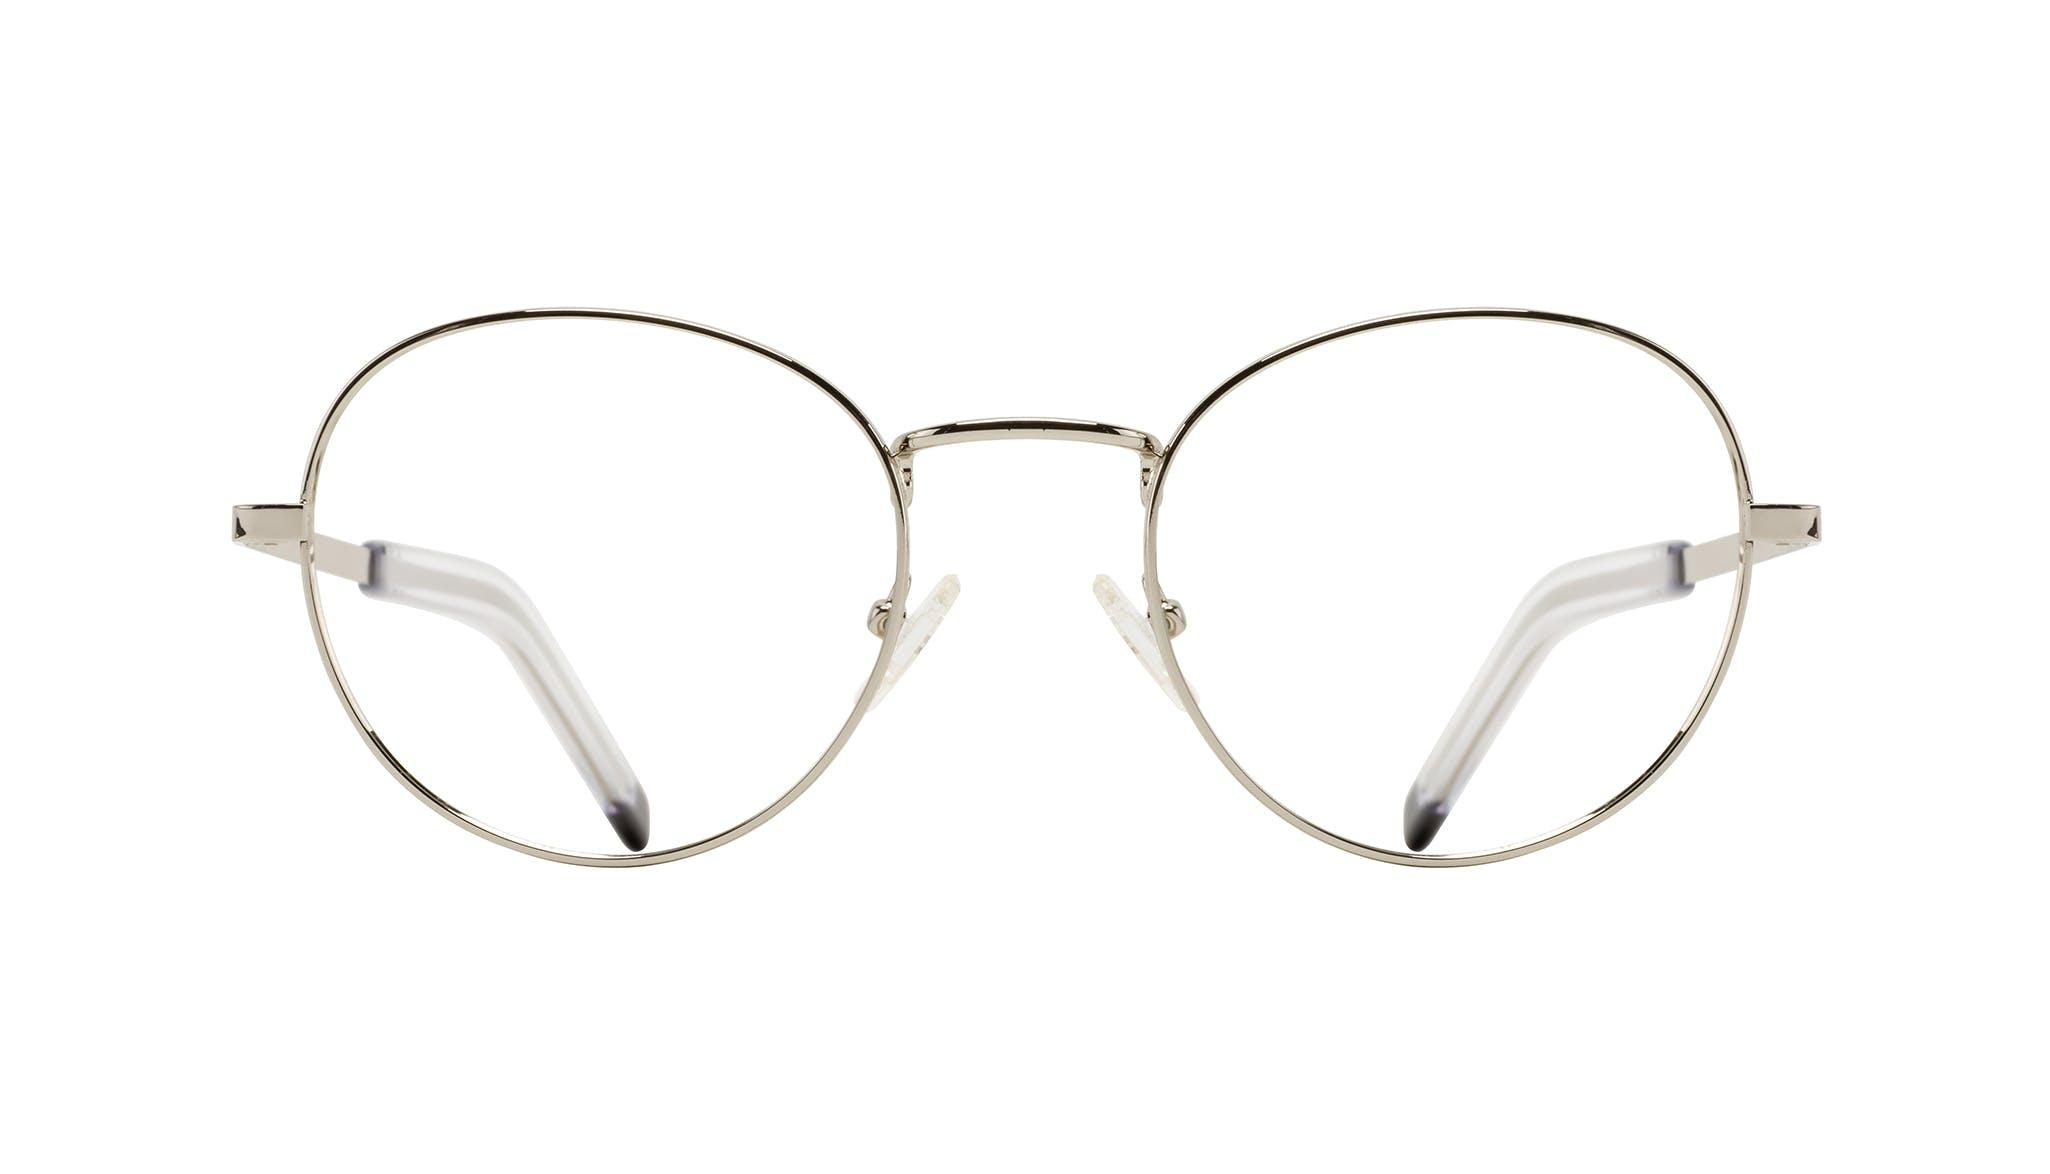 Lunettes tendance Ronde Lunettes de vue Hommes Lean XL Silver